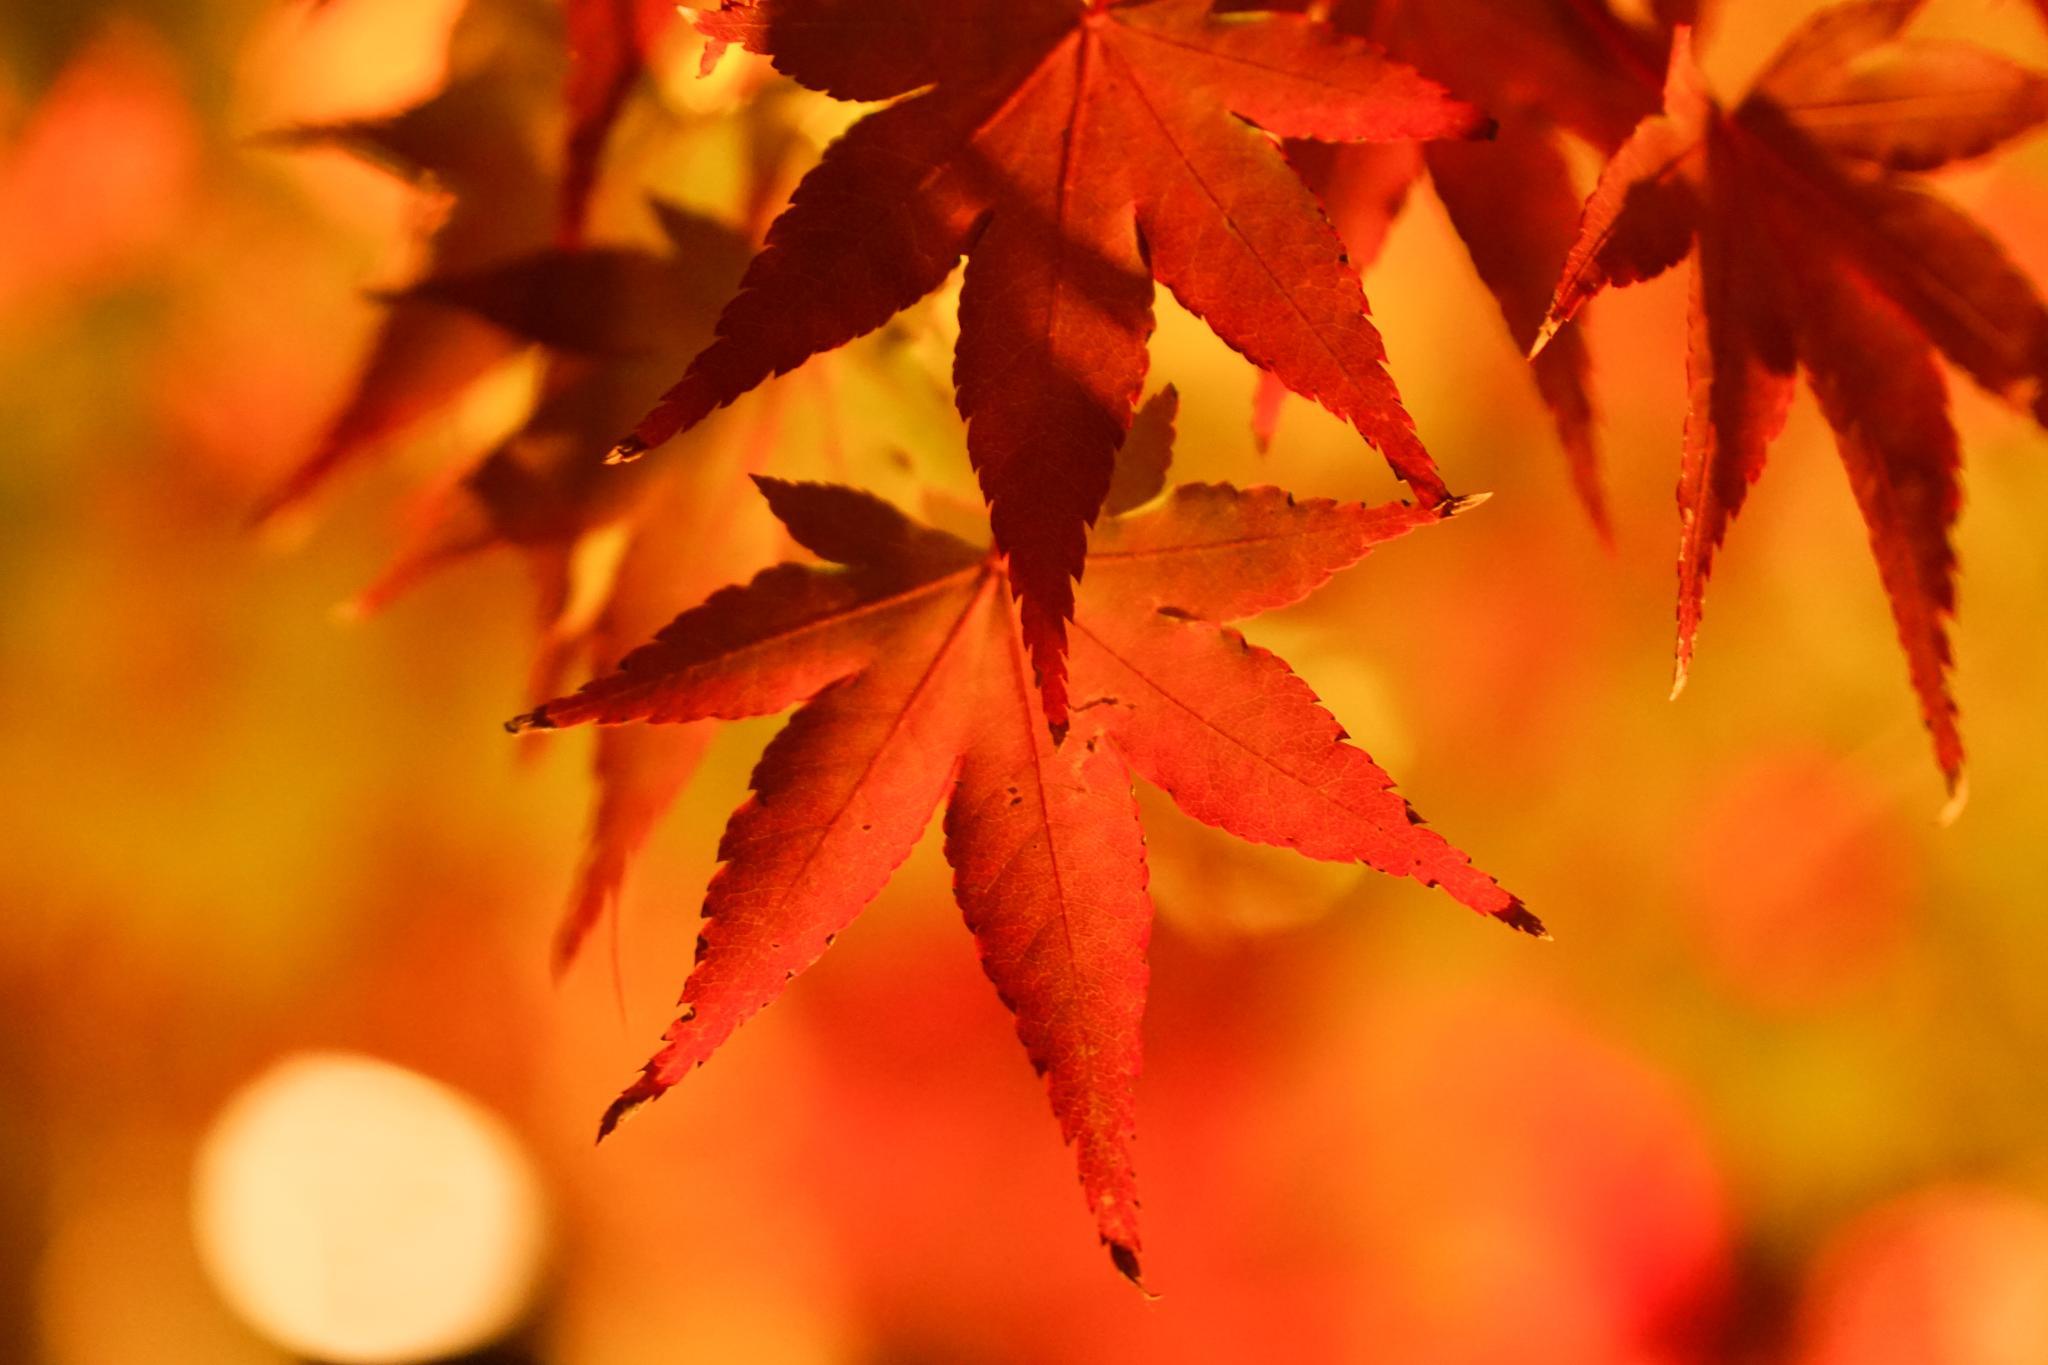 【京都】此生必來的紅葉狩絕景 - 永觀堂夜楓 136